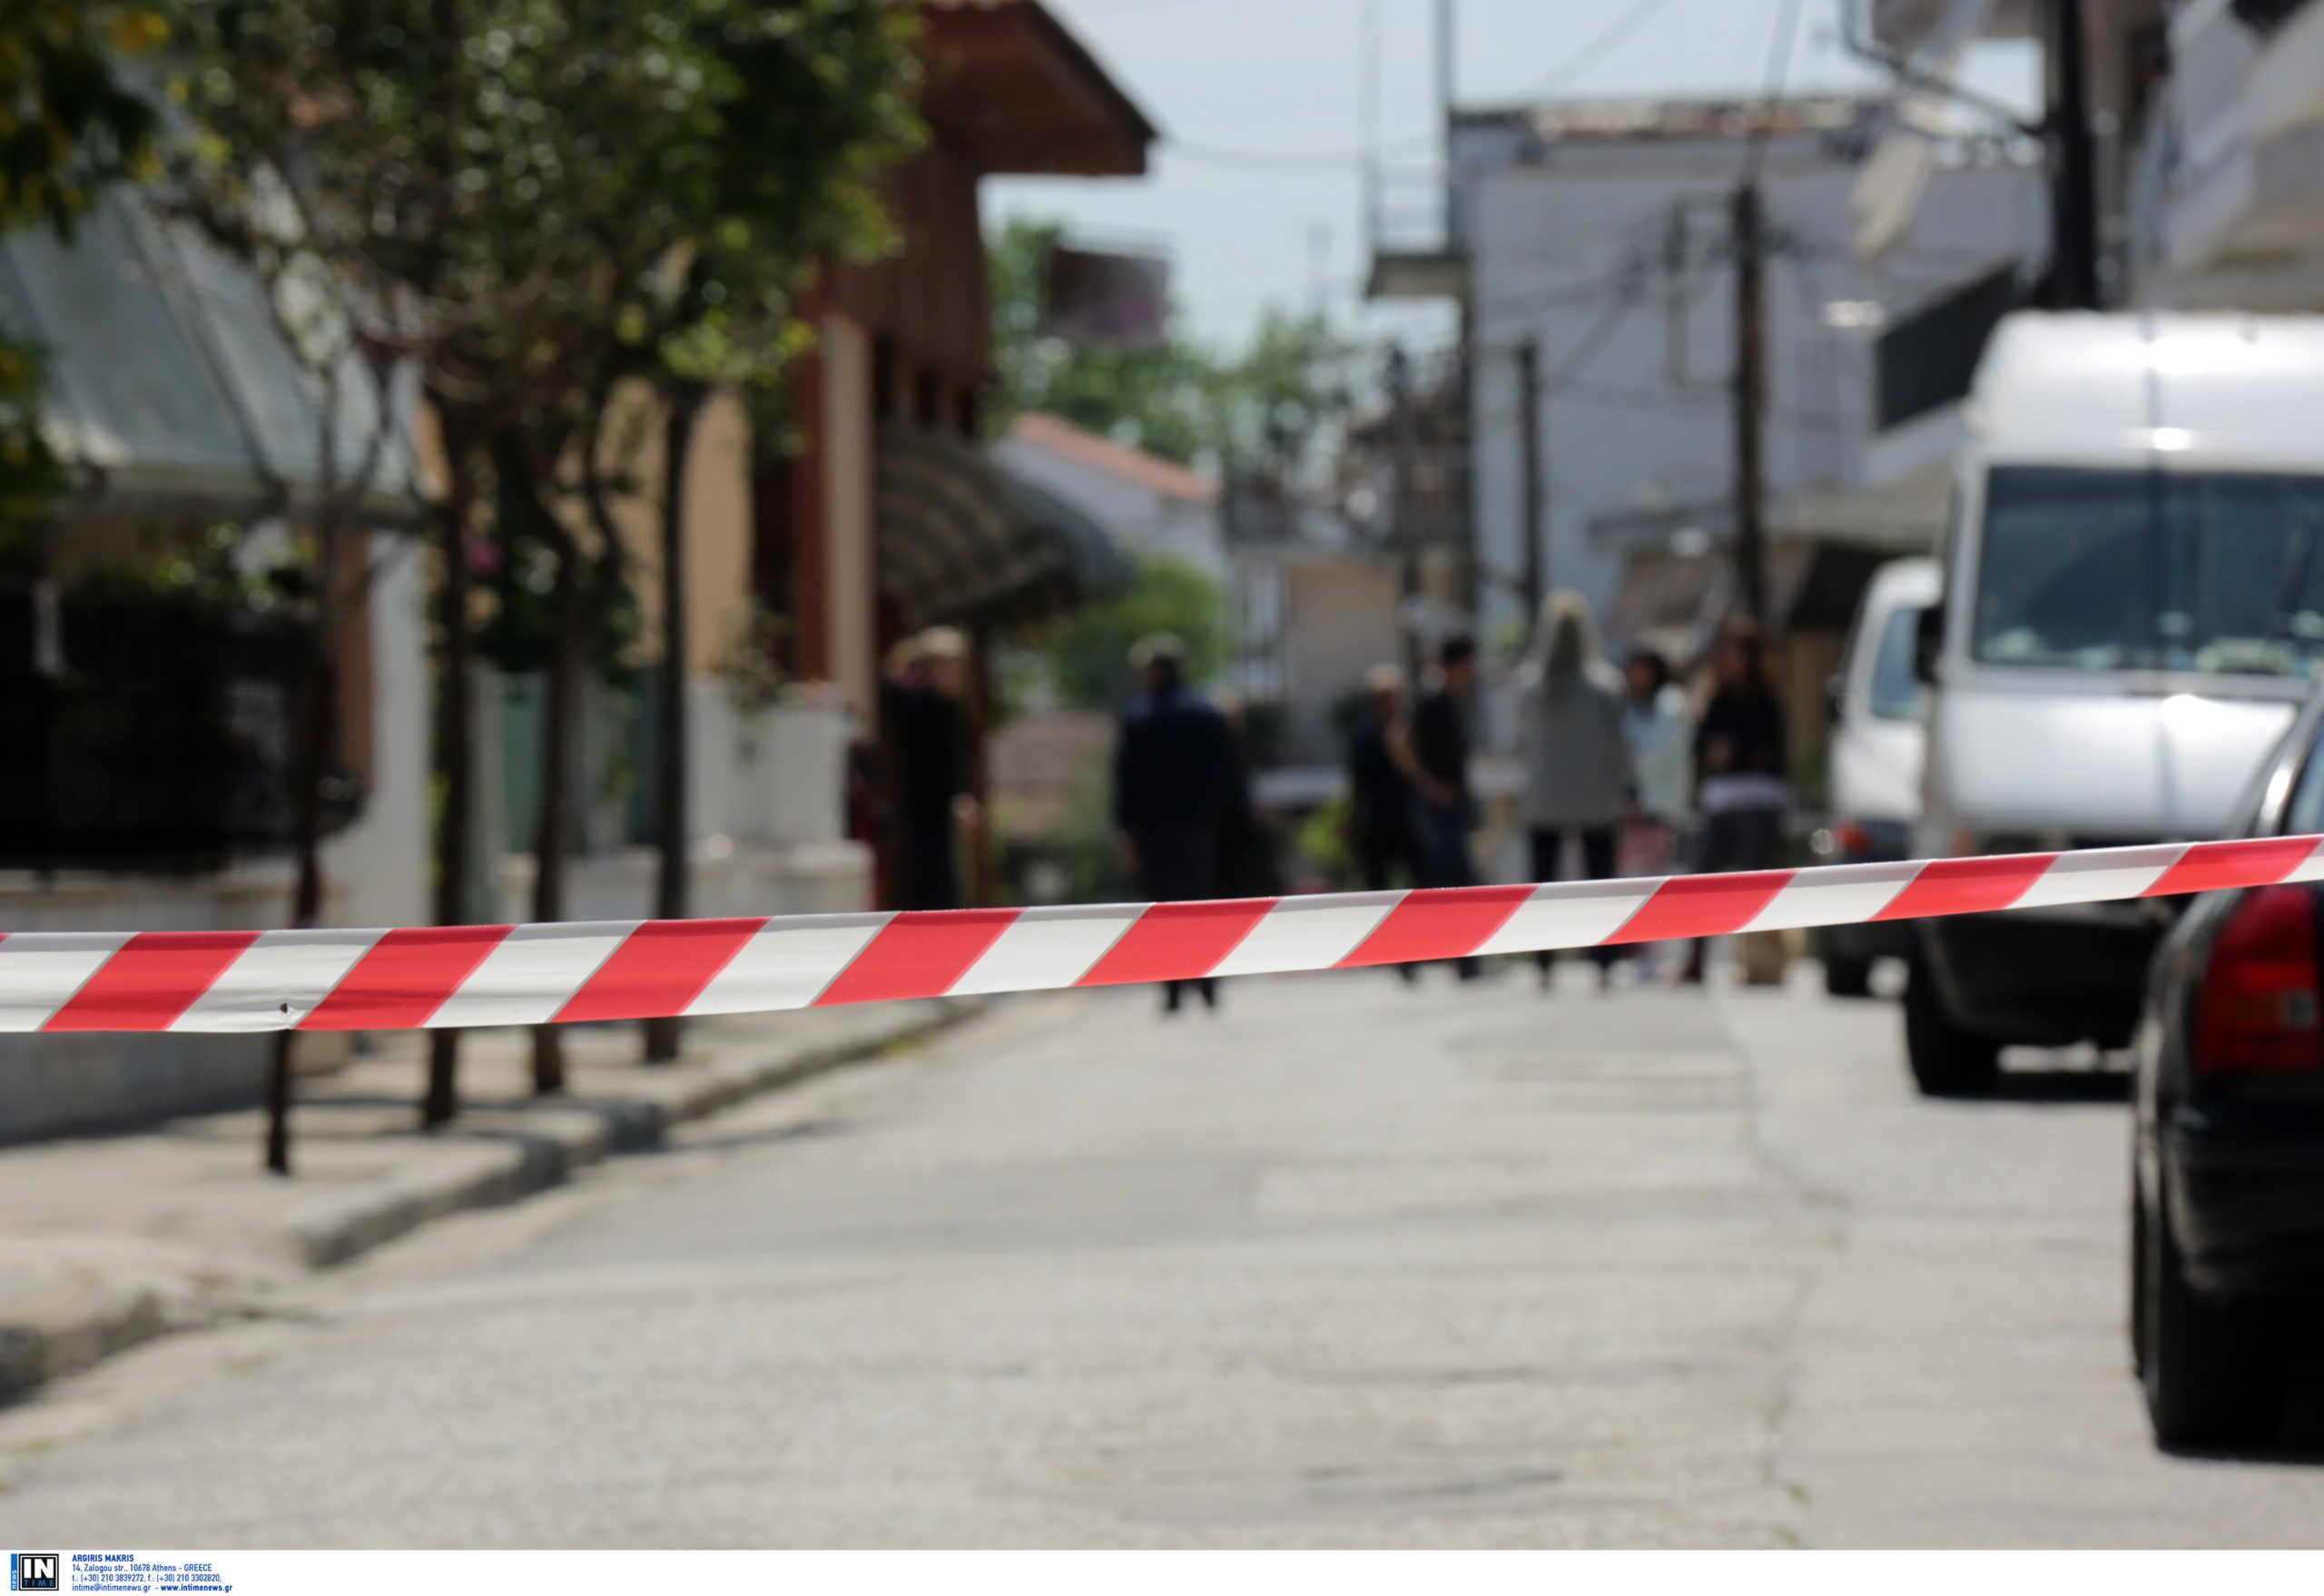 Κορονοϊός: Νέα μαζική δειγματοληψία στη Νέα Σμύρνη της Λάρισας! Τα αποτελέσματα δρομολογούν εξελίξεις